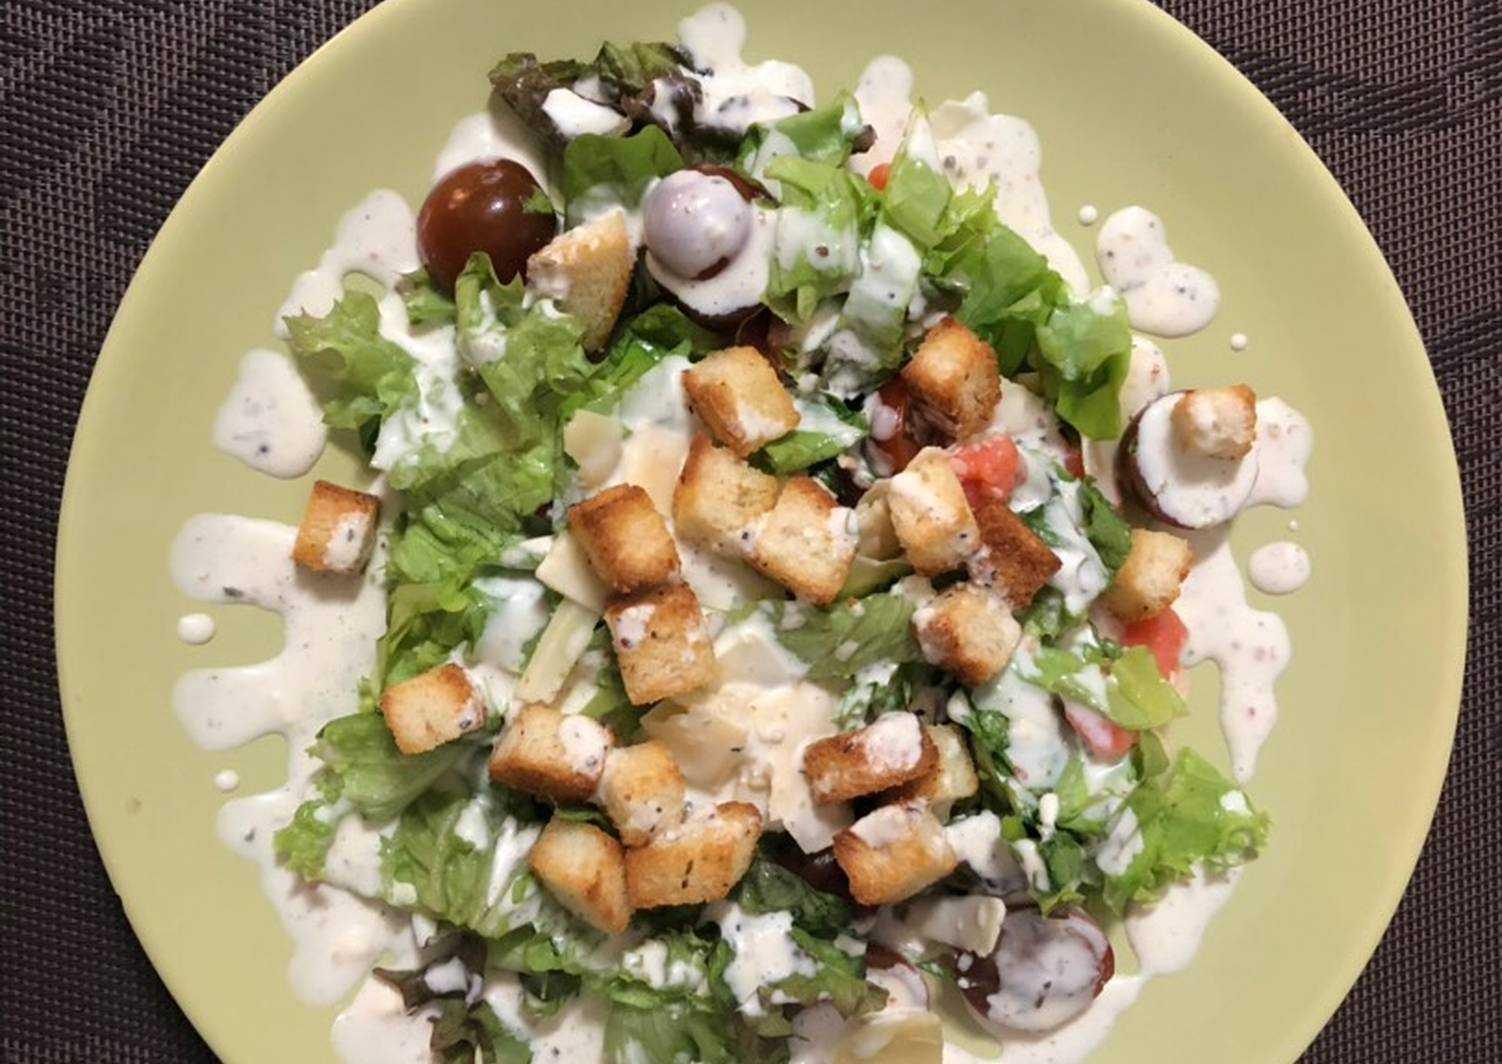 Топ 10 рецептов салат из семги огурцов и яиц (171.3 ккал)